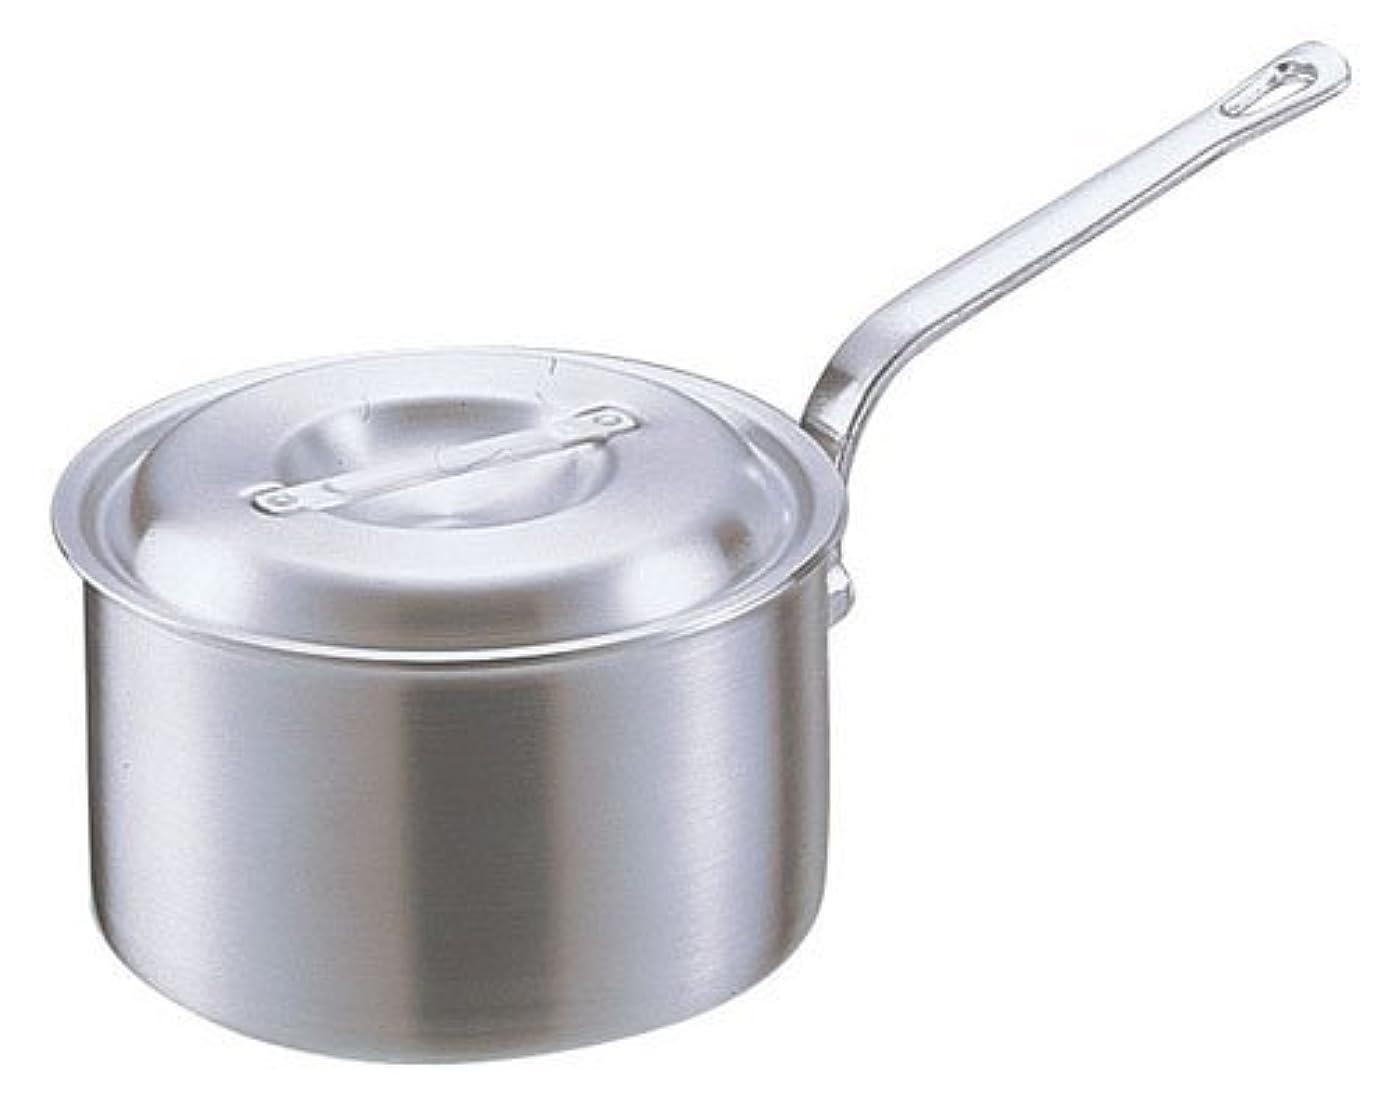 電気オーバードローおなじみのアカオアルミ DON片手深型鍋 15㎝ アルミニウム合金、ハンドル(アルミダイキャスト) 日本 AKT19015